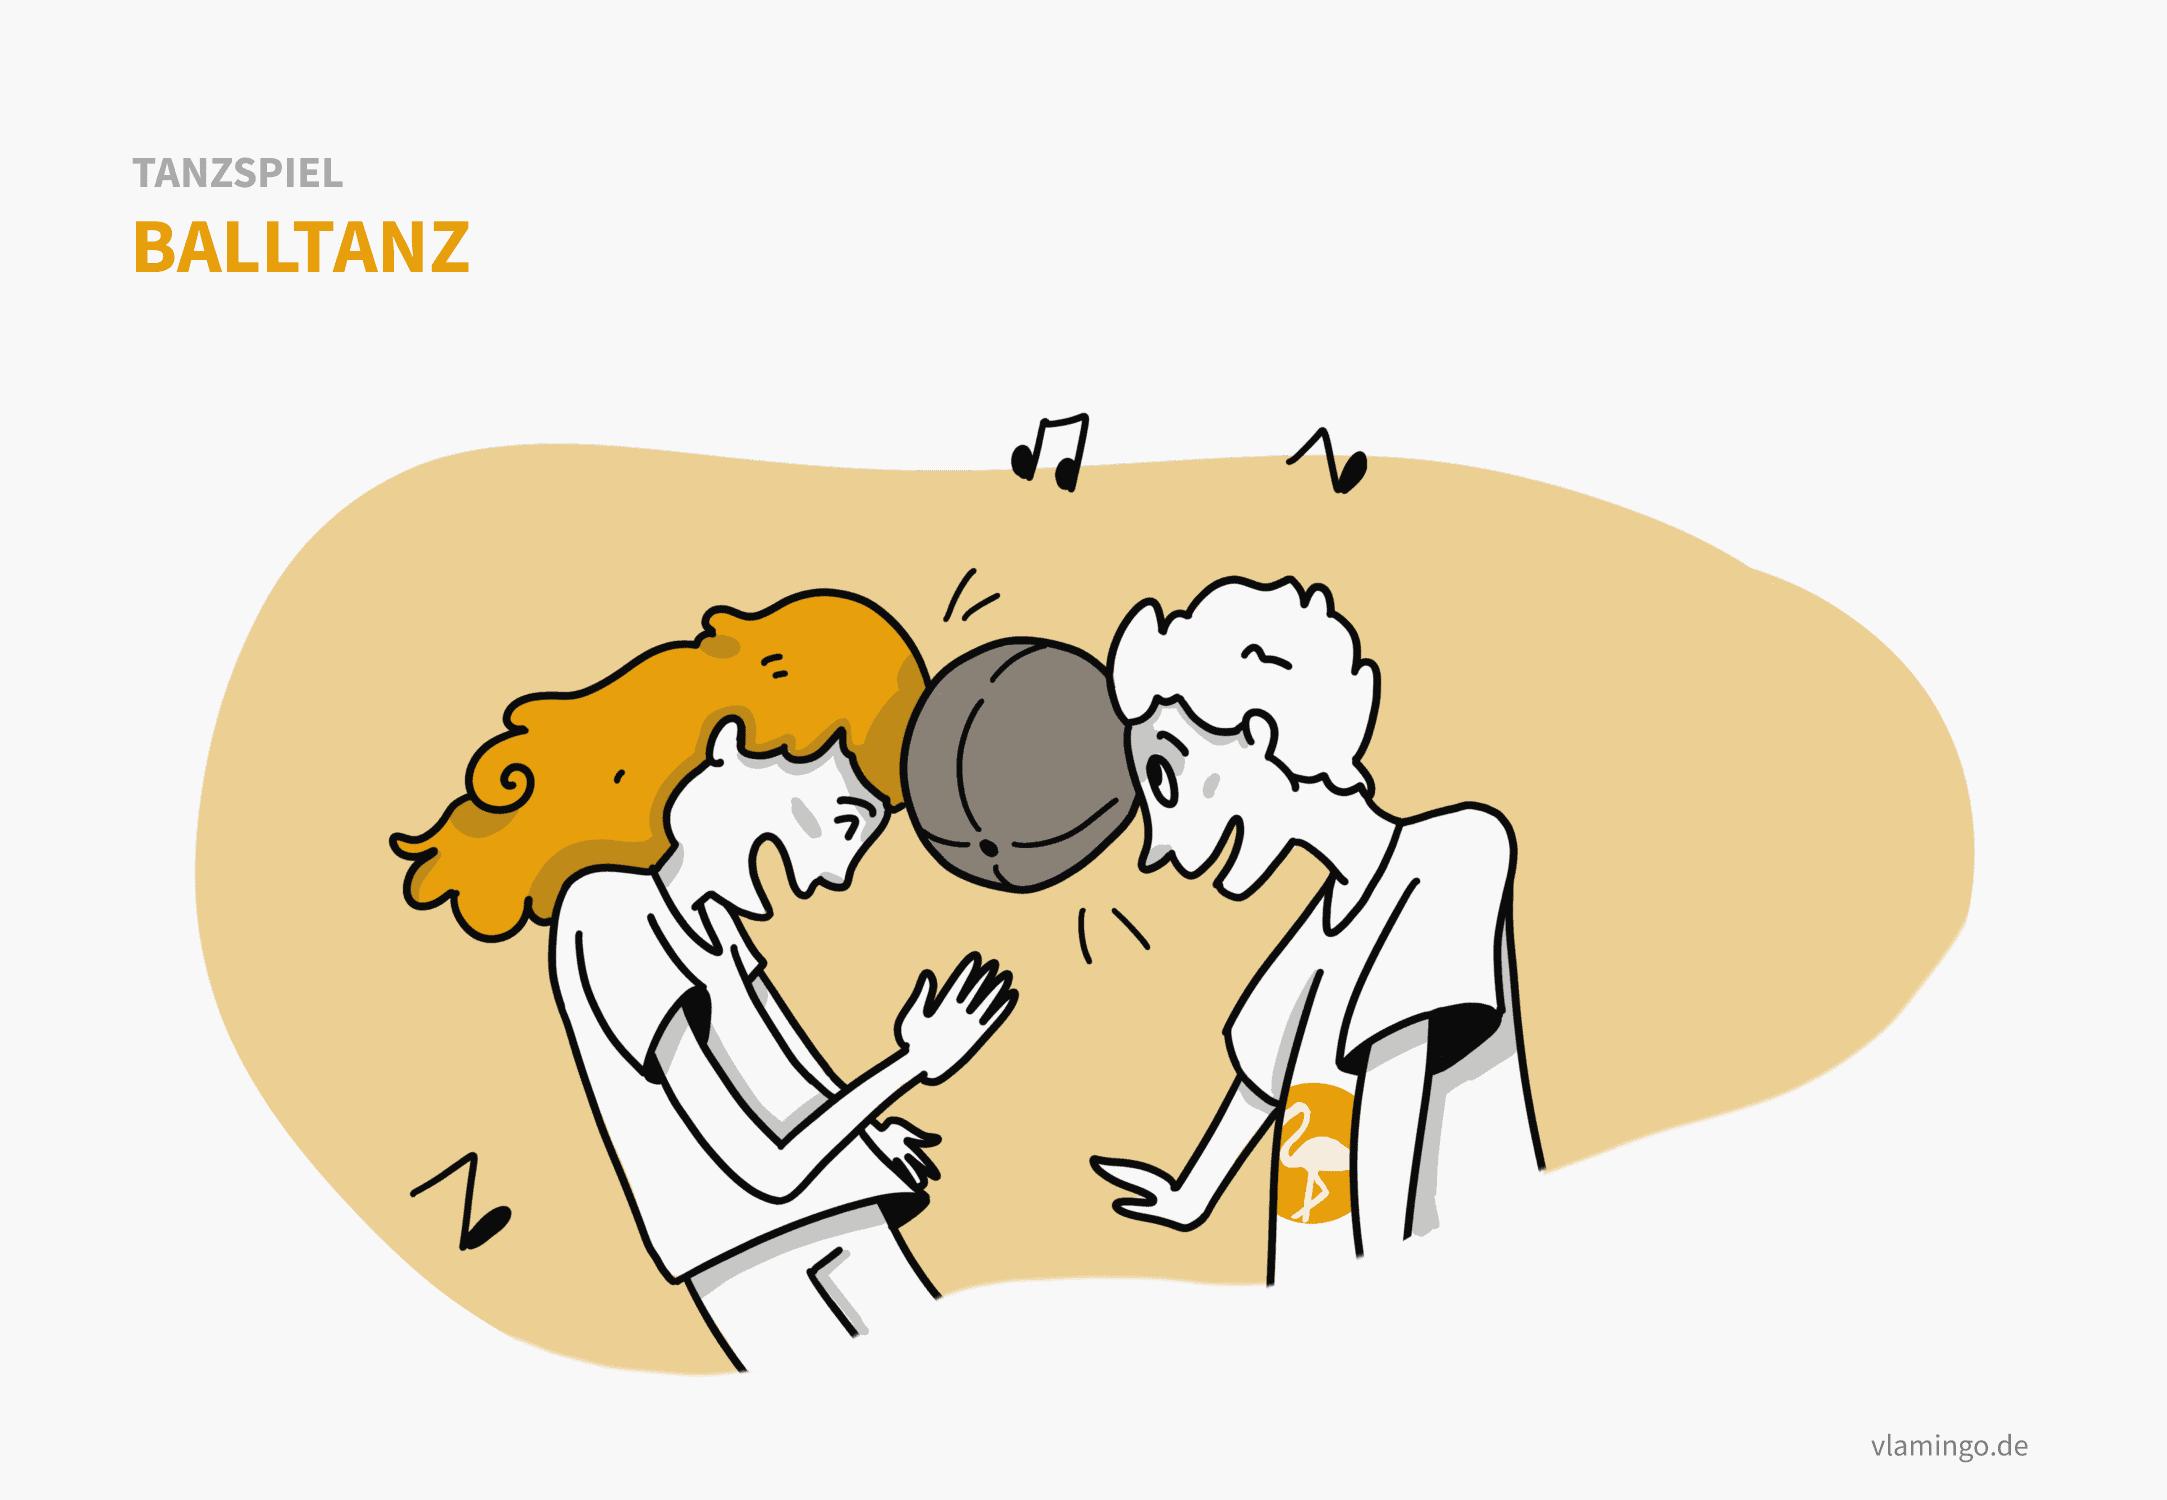 Tanzspiel - Balltanz